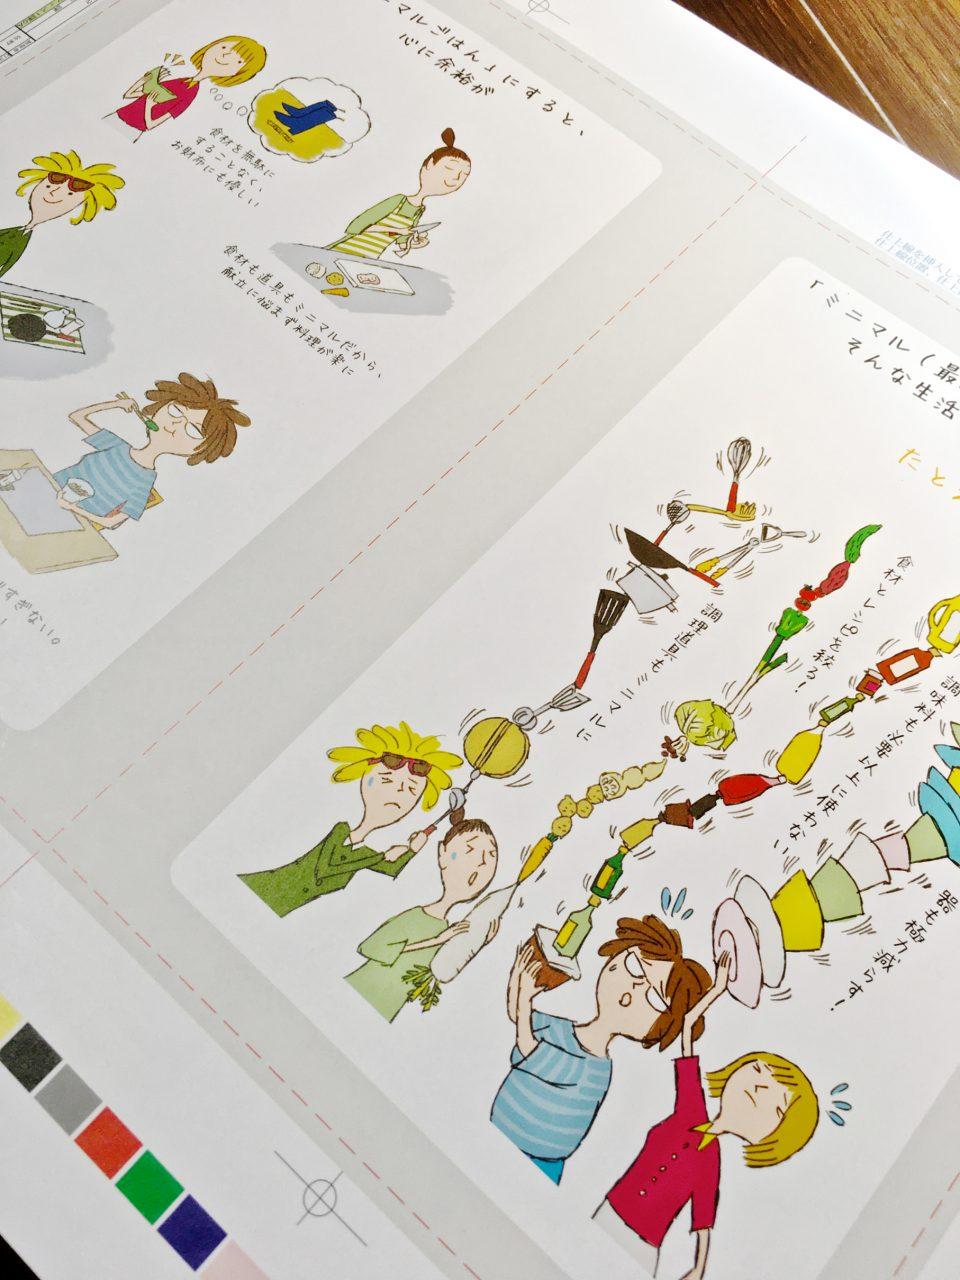 ミーちゃん、ニーちゃん、マーちゃん、ルーちゃんのミニマルライフを描きました。